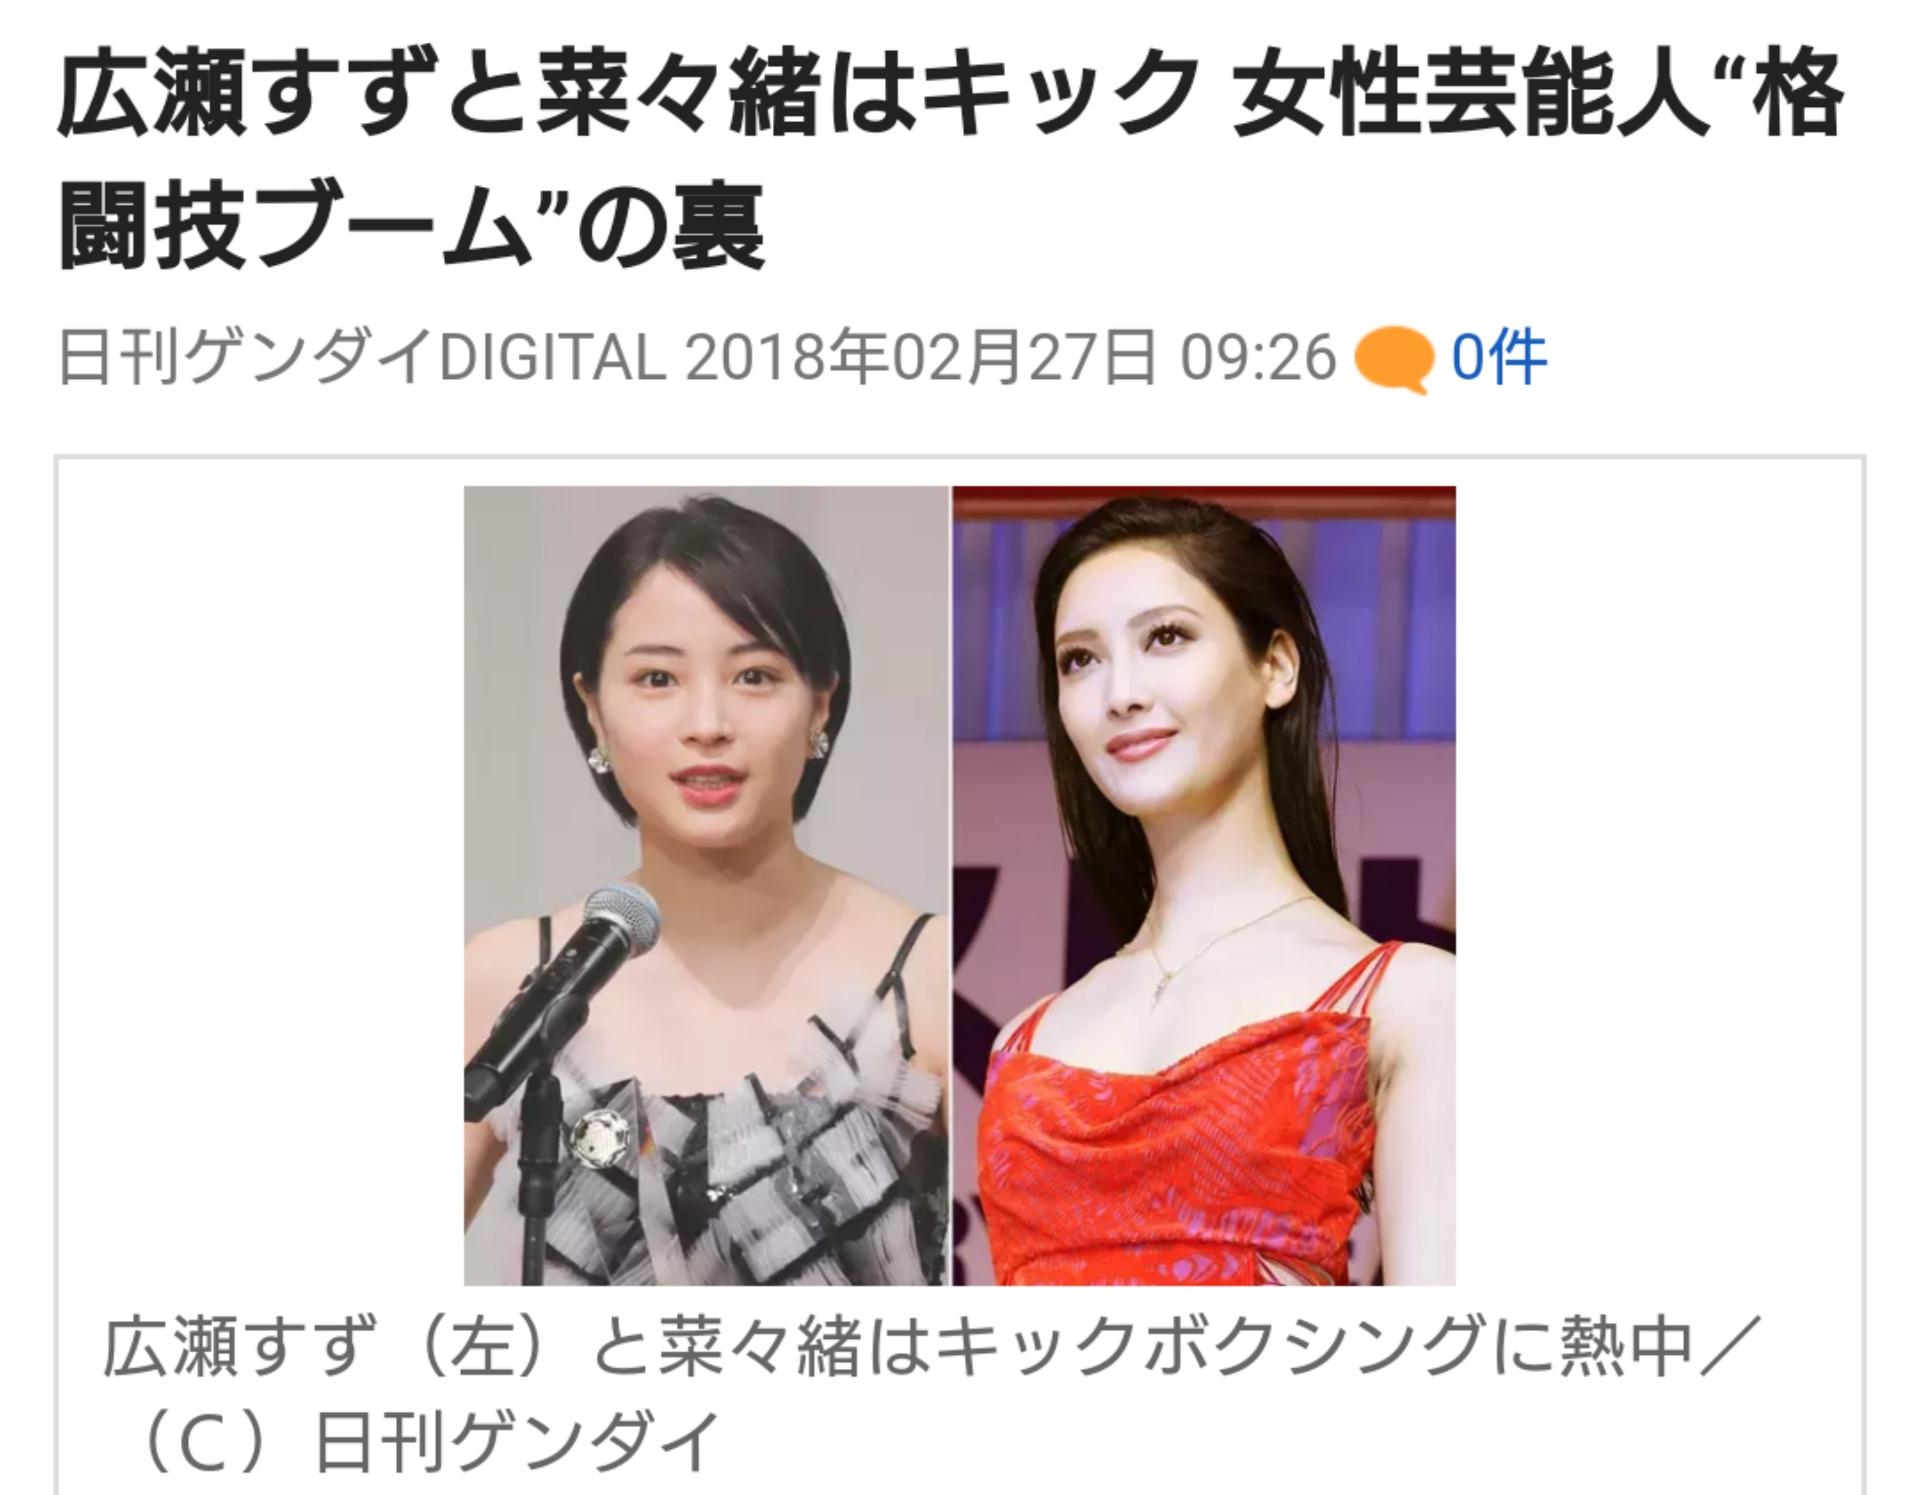 菜々緒さんや広瀬すずさんは、格闘技エクササイズに夢中!?